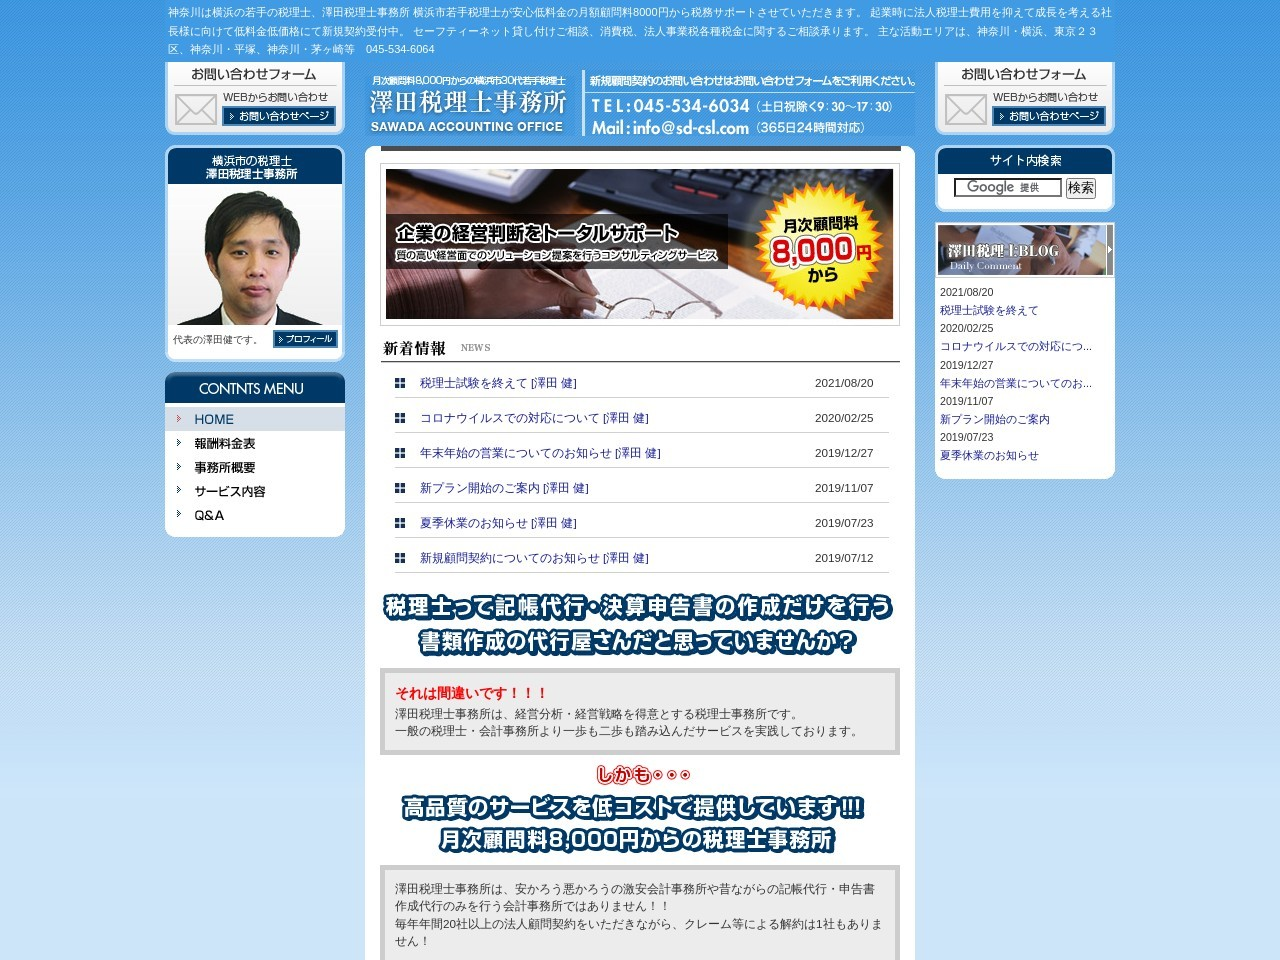 澤田税理士事務所